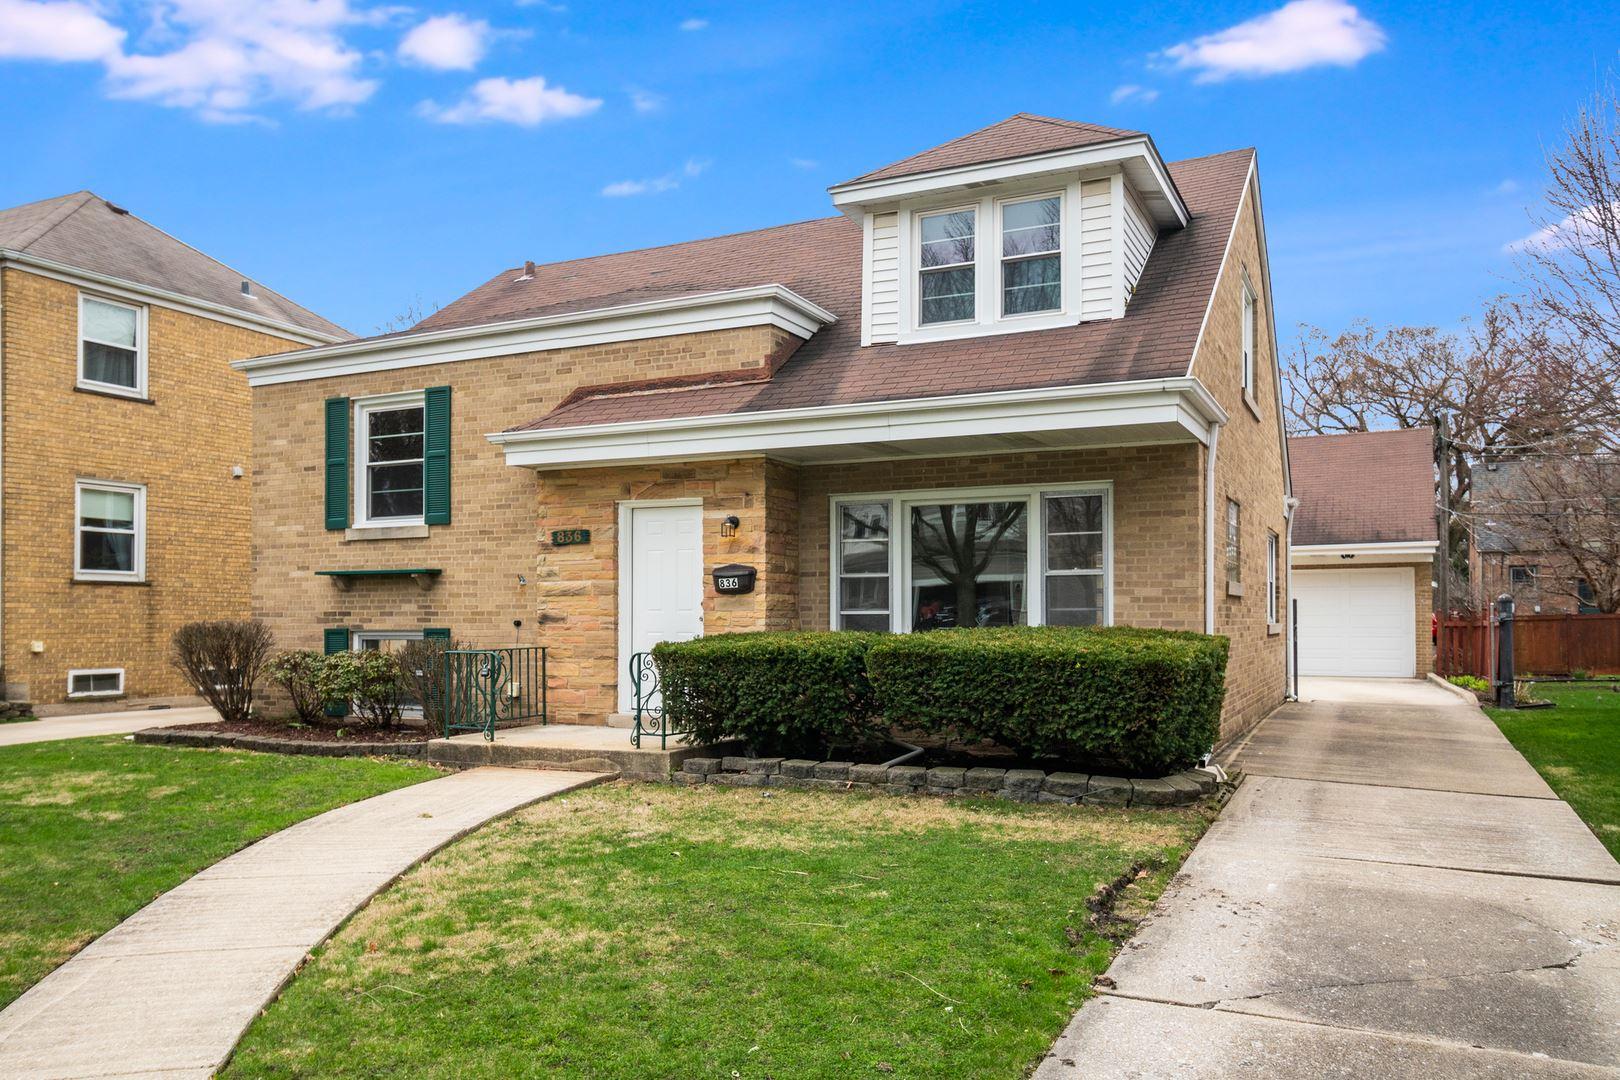 836 S Ashland Avenue, La Grange, IL 60525 - #: 10705968